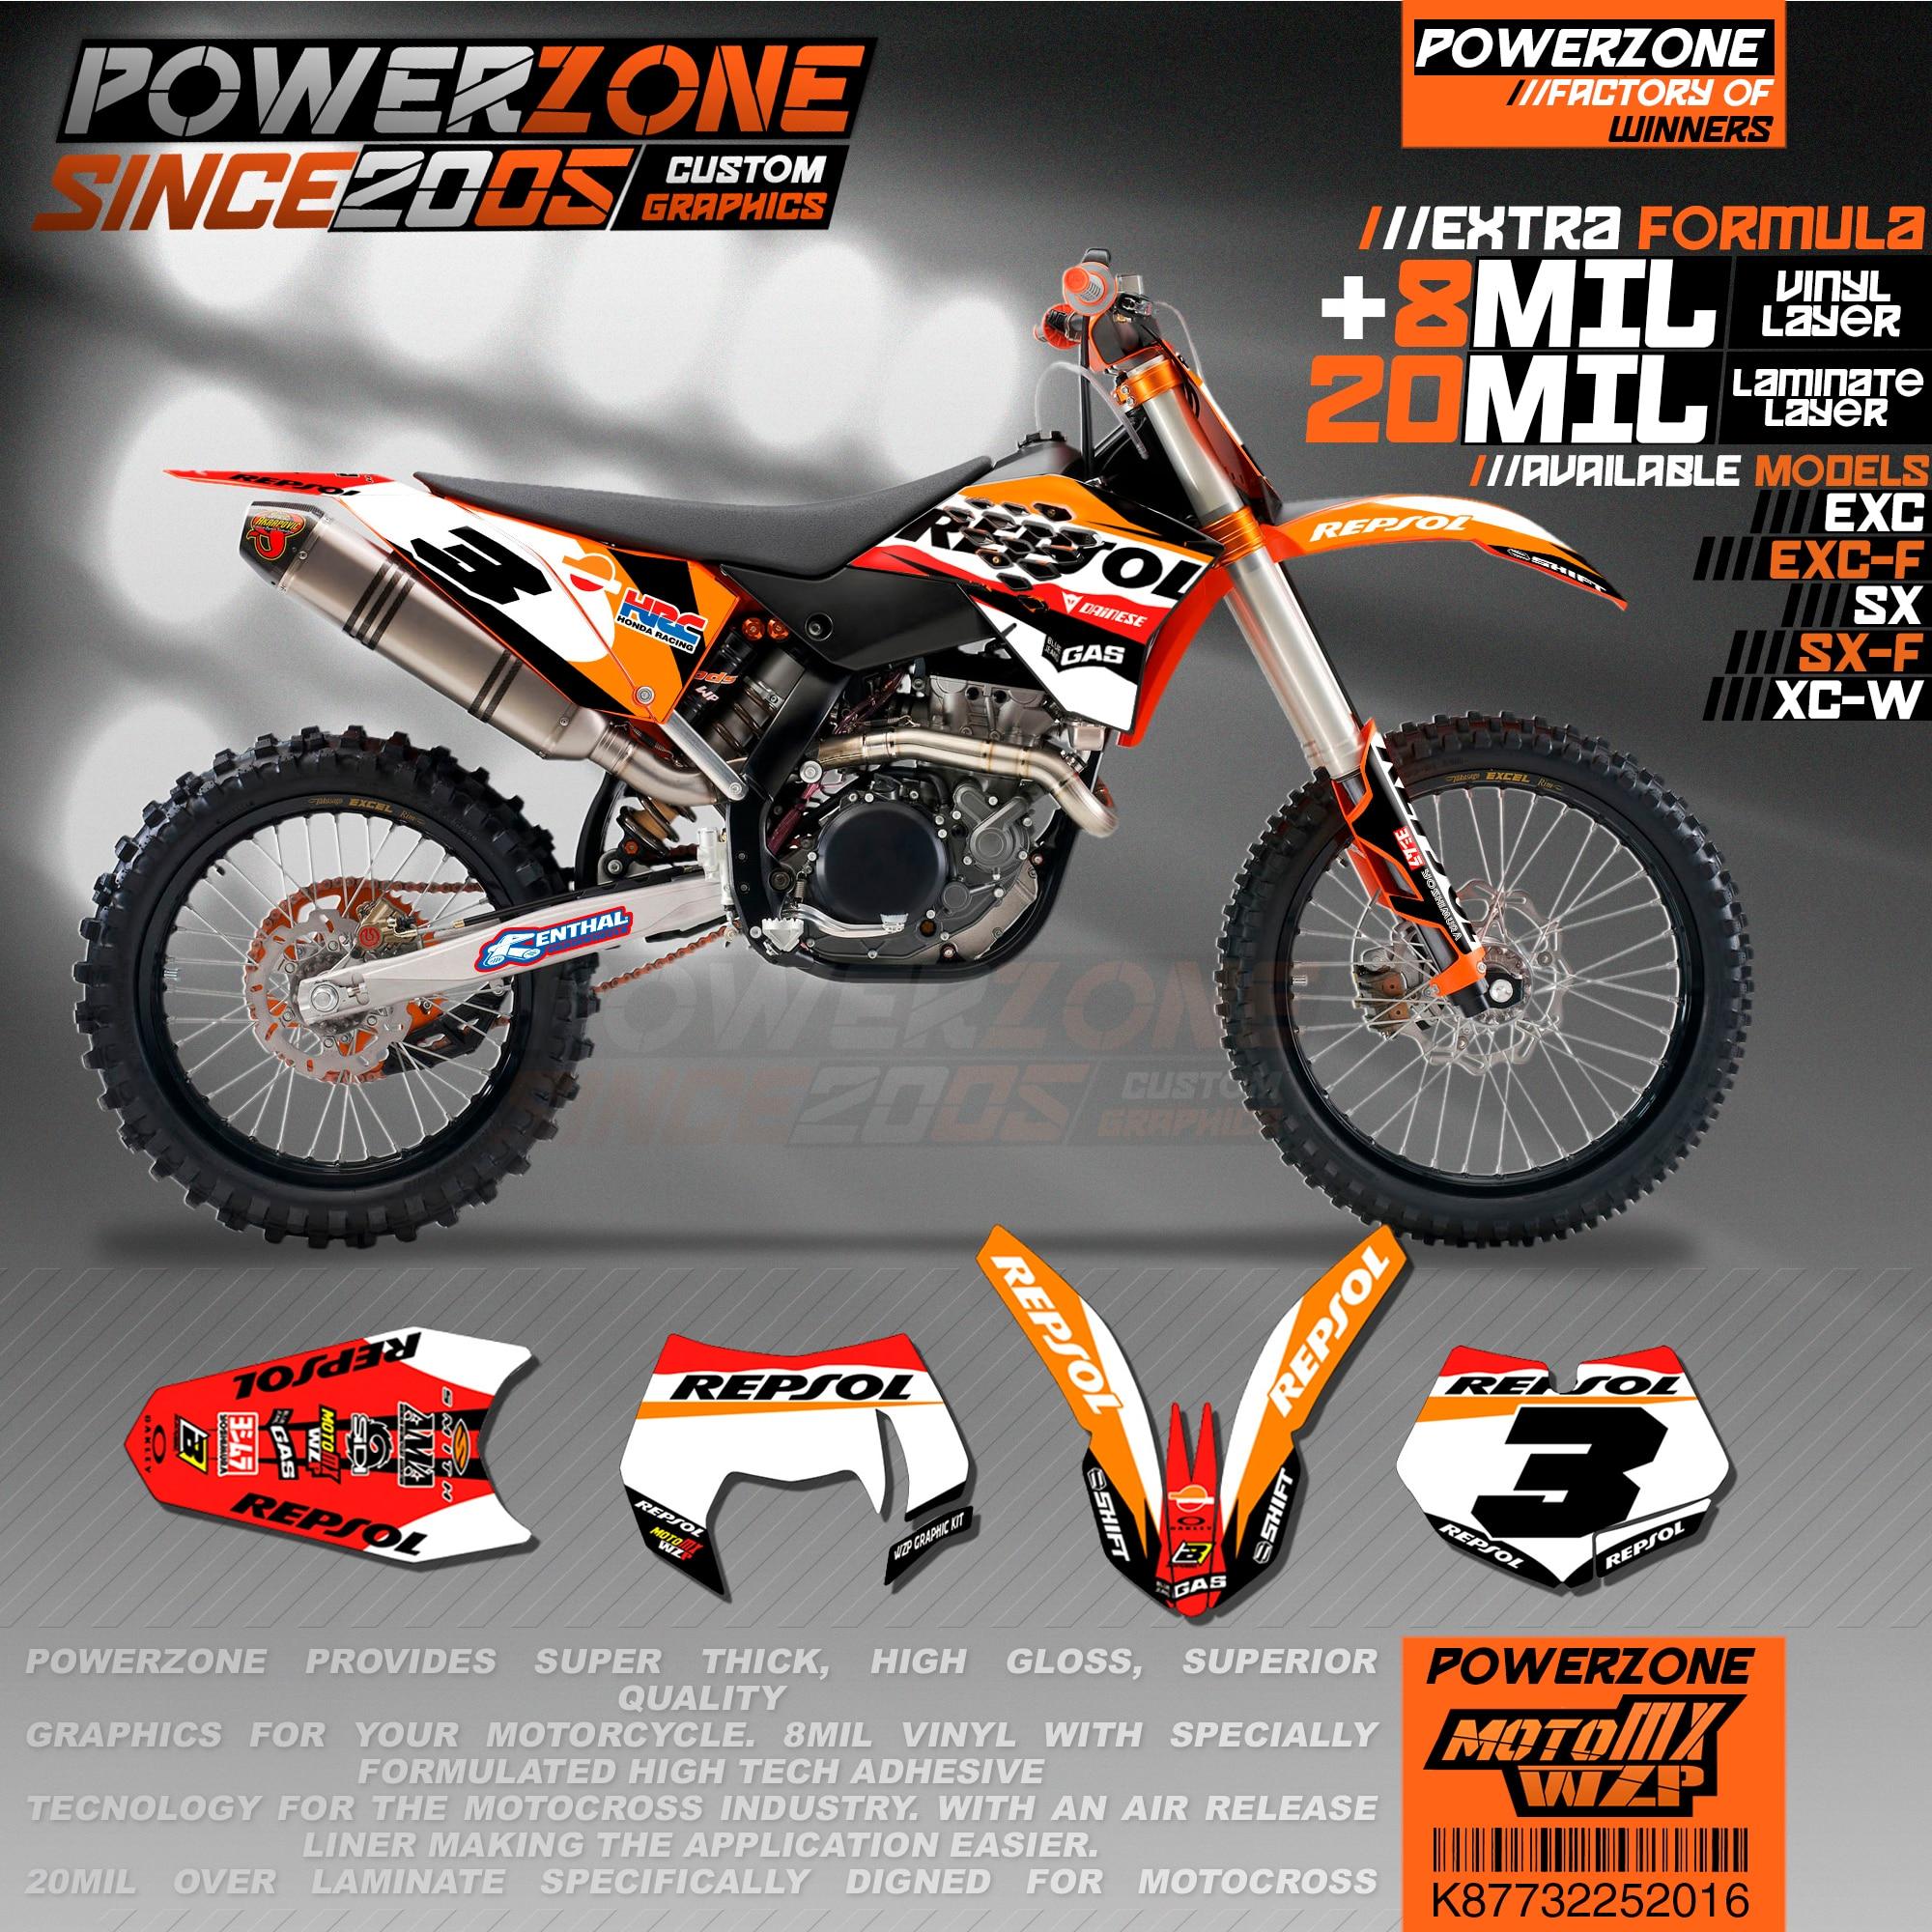 PowerZone カスタムチームグラフィック背景 3 メートルステッカーキット KTM SX SXF MX EXC XCW エンデューロ 125cc に 500cc 2007 2011 016  グループ上の 自動車 &バイク からの デカール &ステッカー の中 1